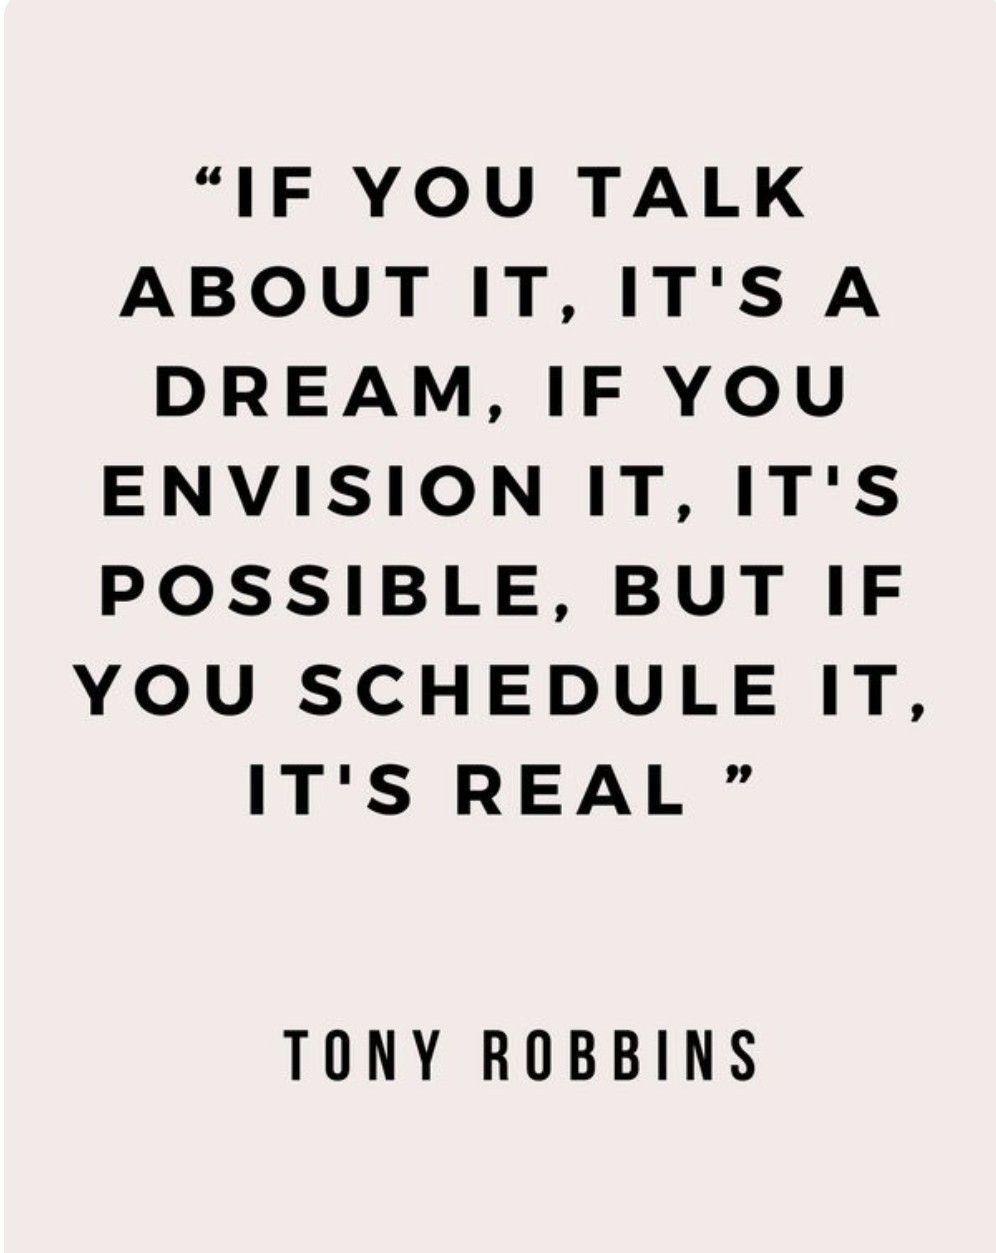 Tony Robbins Quotes Tony Robbins NLP